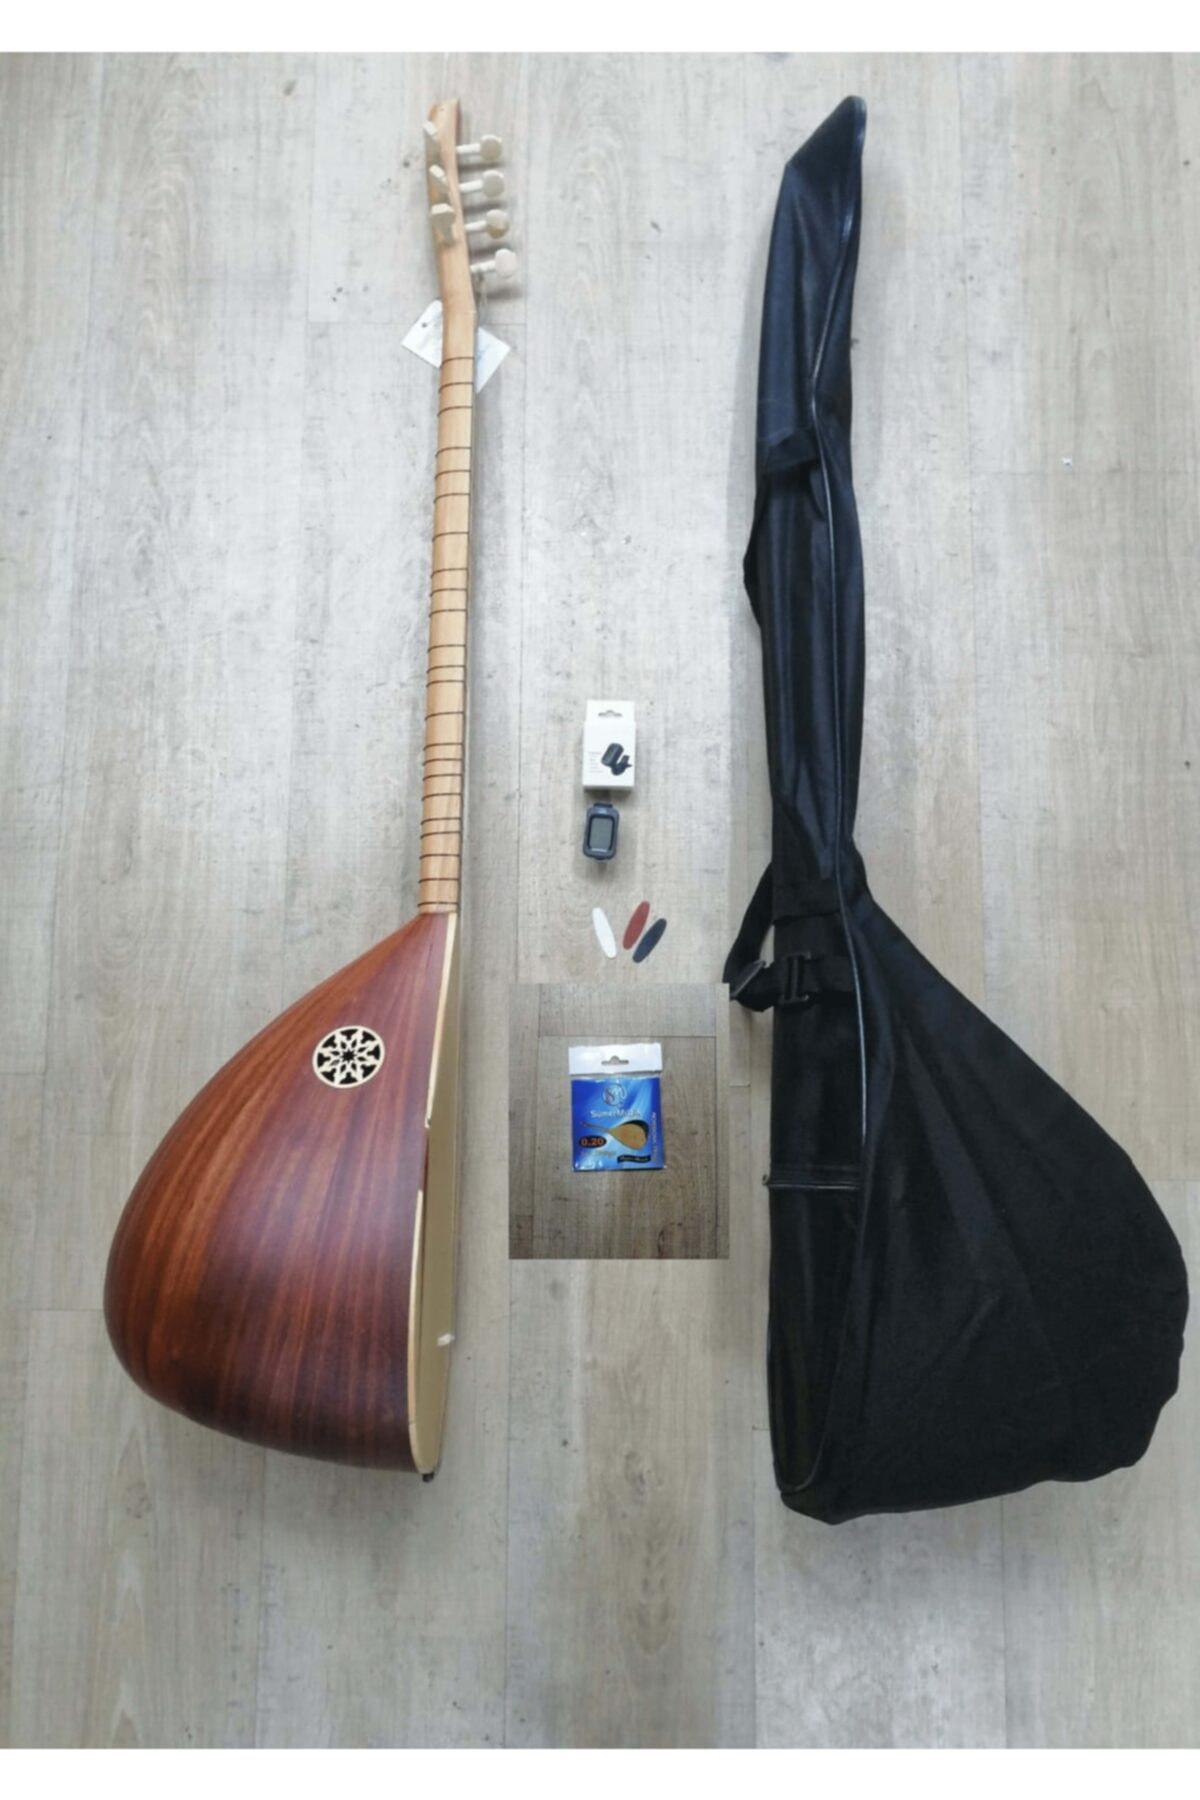 جراب مقاوم للماء من خشب الماهوجني التركي ، أوتار Tezene (مجموعة كاملة) ، آلة جيتار تركية تقليدية ، وترية